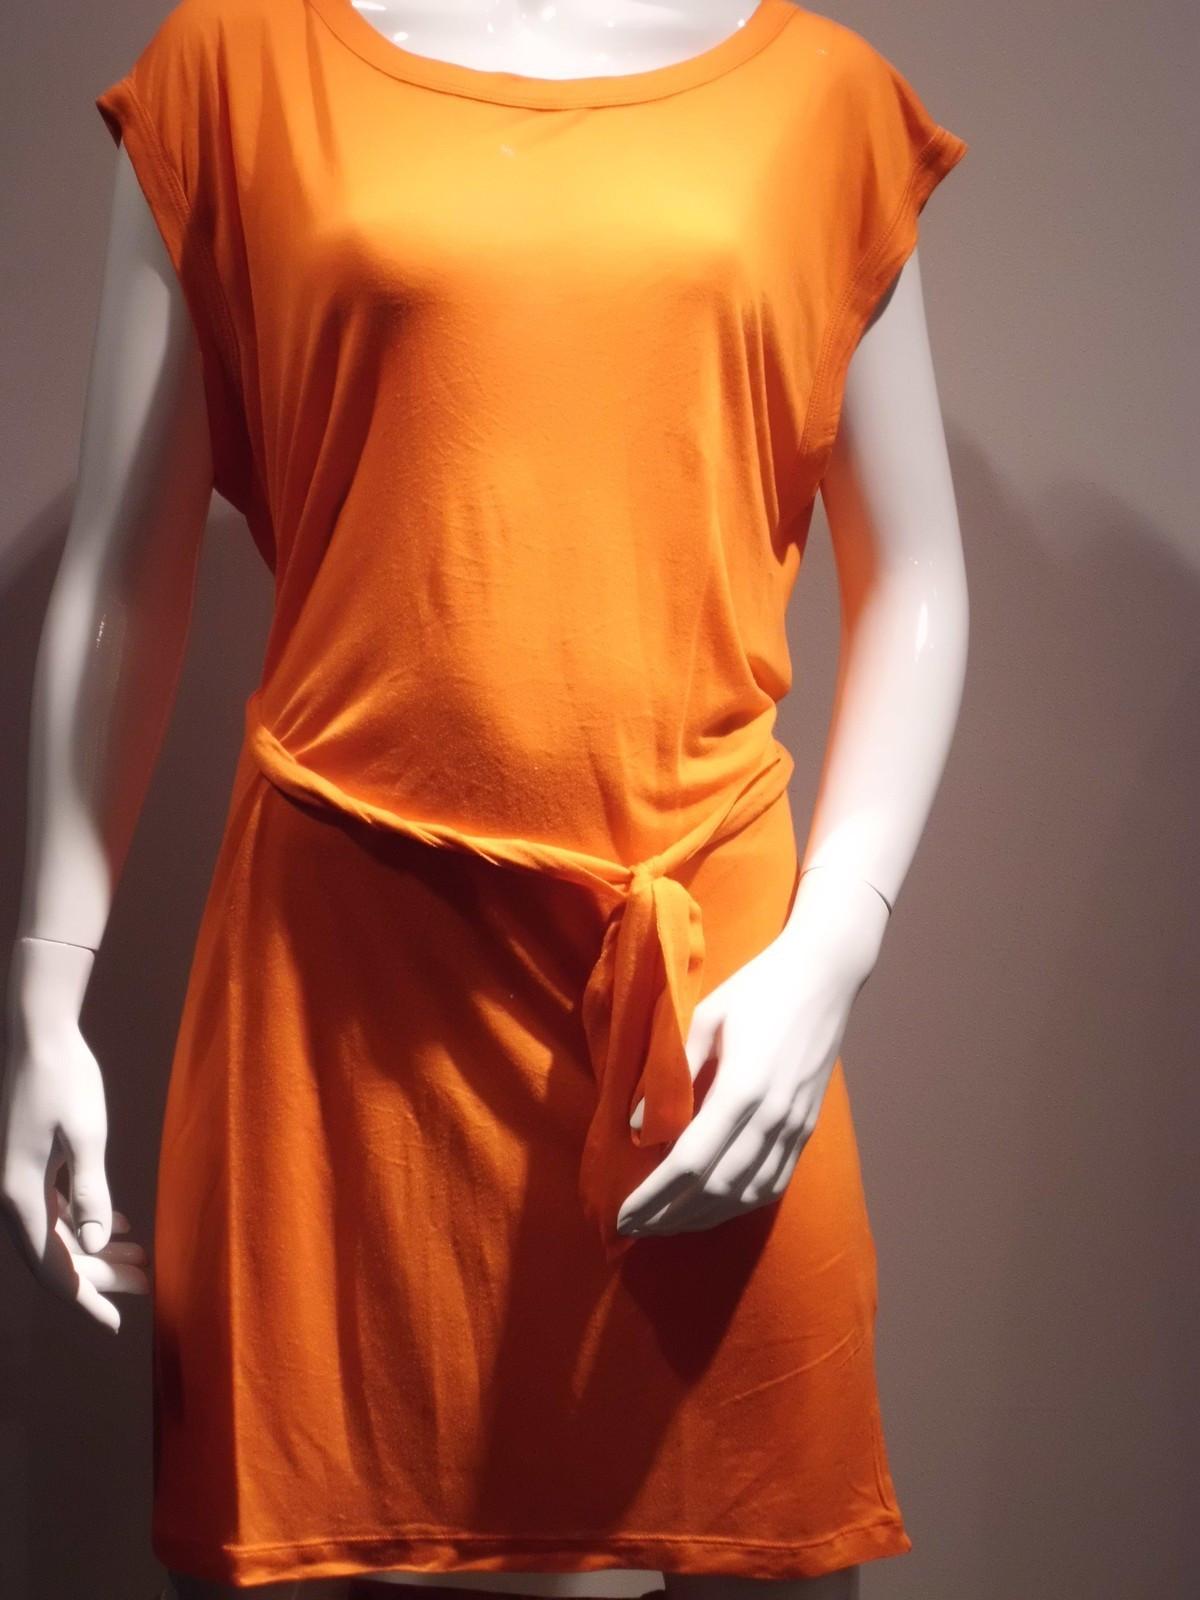 Dámské šaty 21Q669 - Rich Royal barva: oranžová, velikost: M